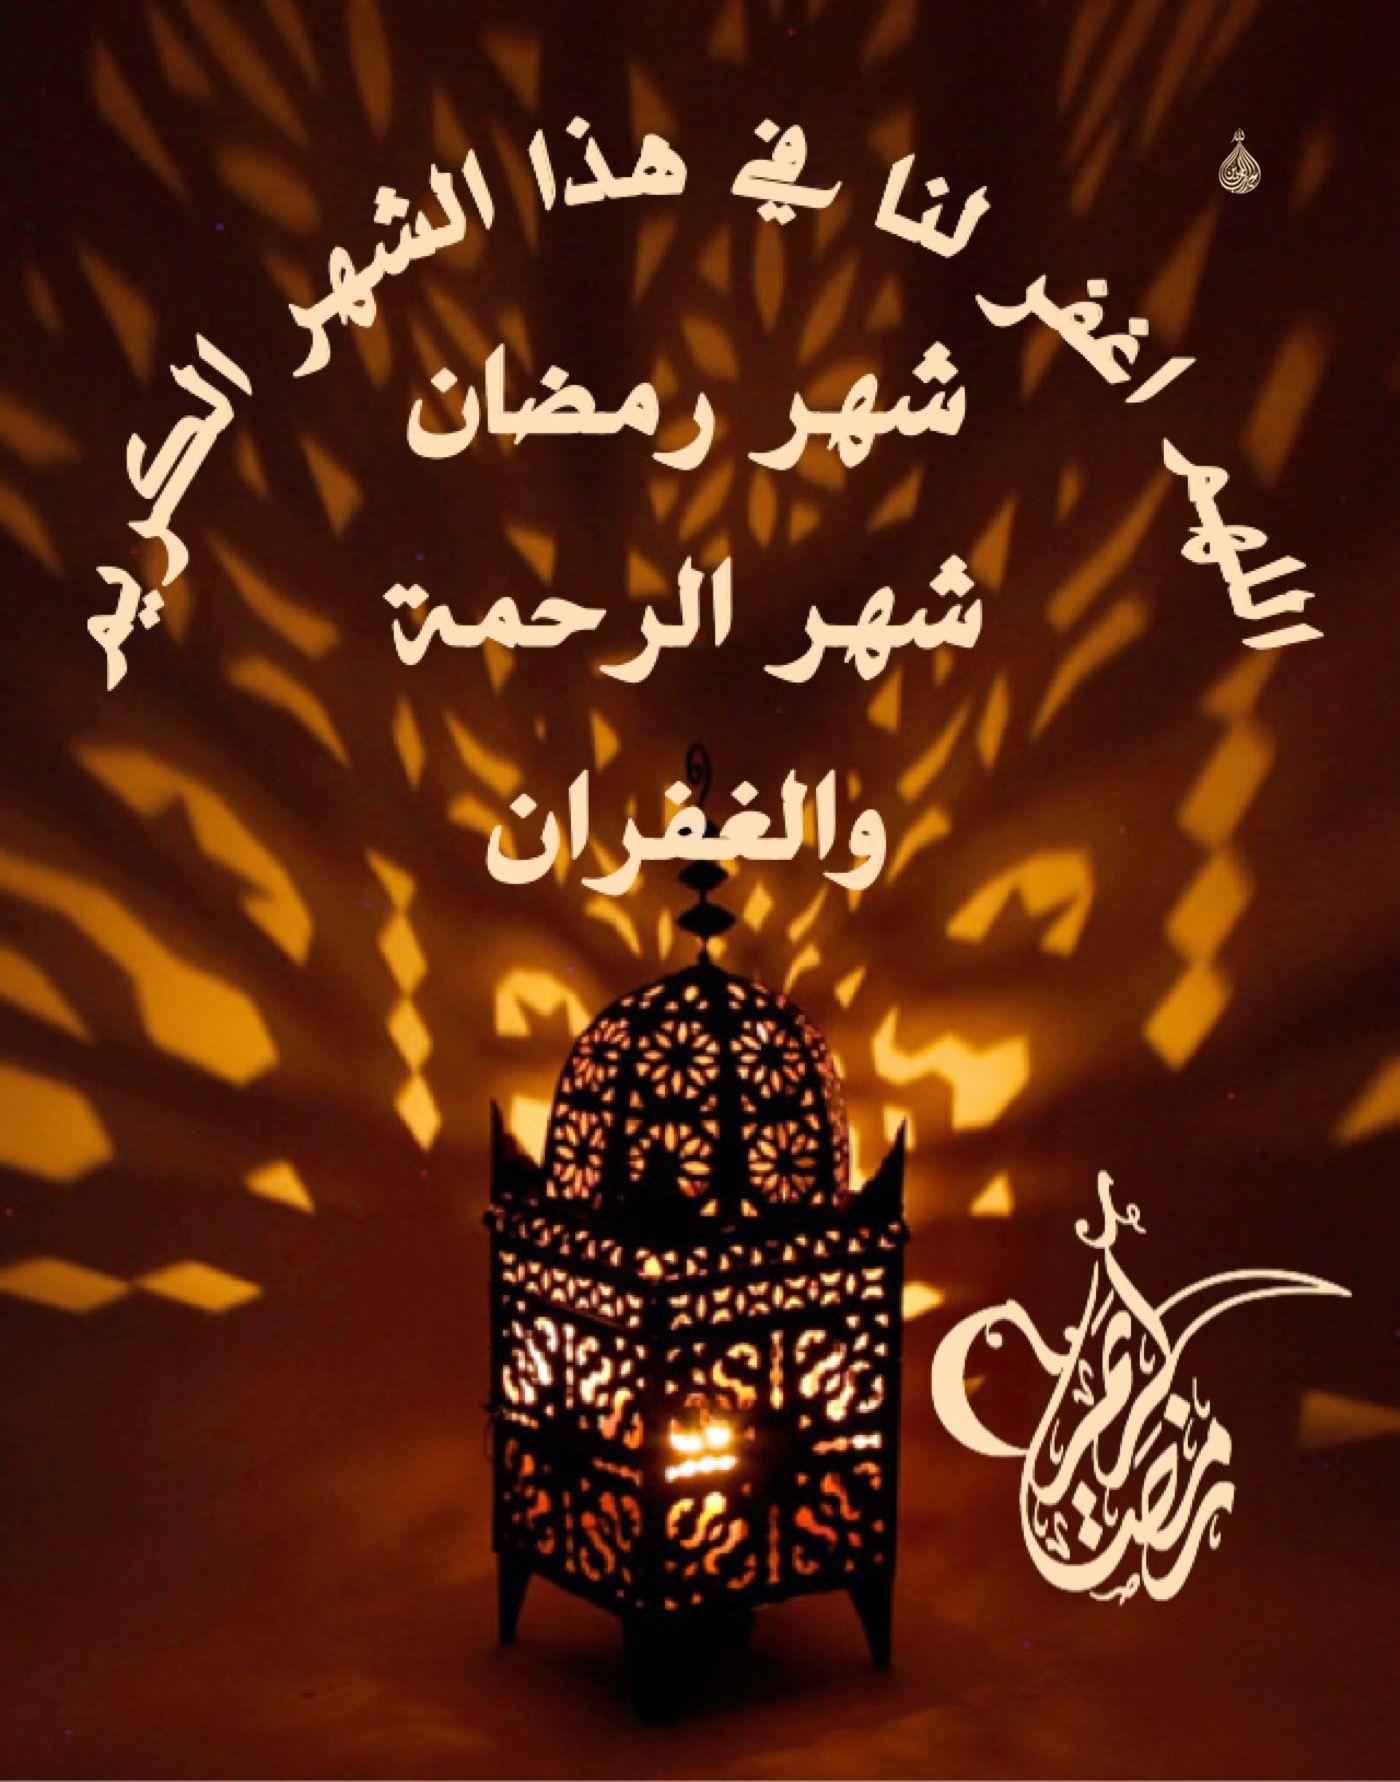 أدعيةإسلاميه أذكار دعاء صورإسلامية الله الله اكبر استغفر الله مسلم قرأن رمضان Ramadan Background Ramadan Cards Ramadan Activities